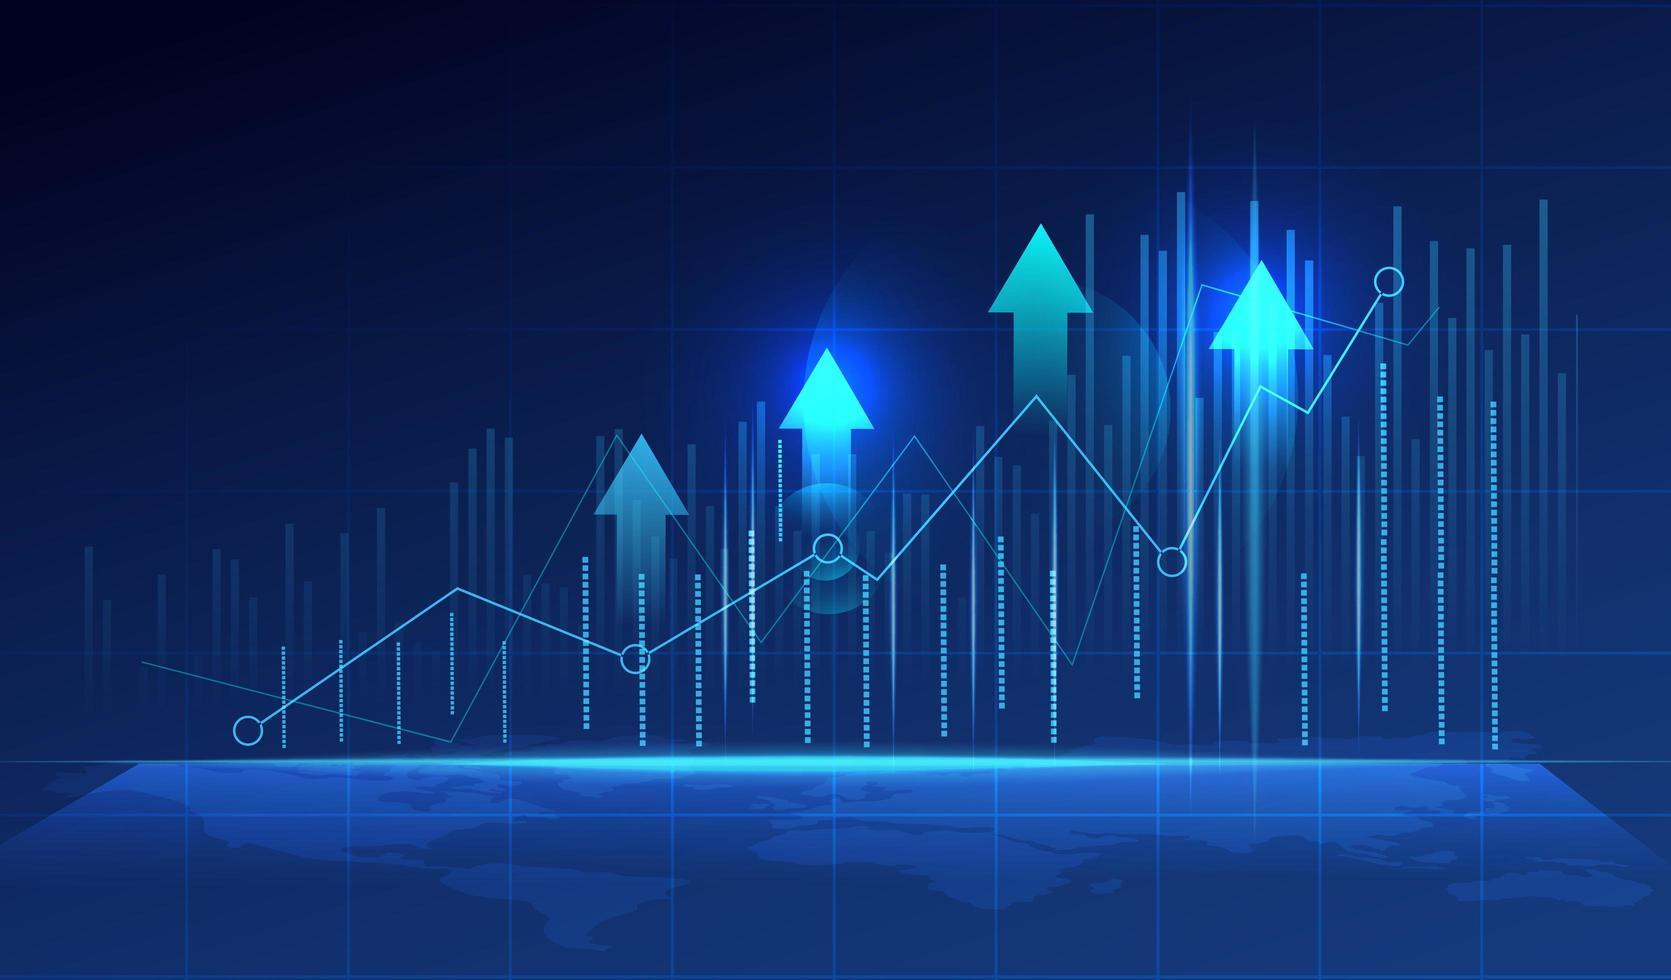 Gráfico do gráfico de negócios vetor